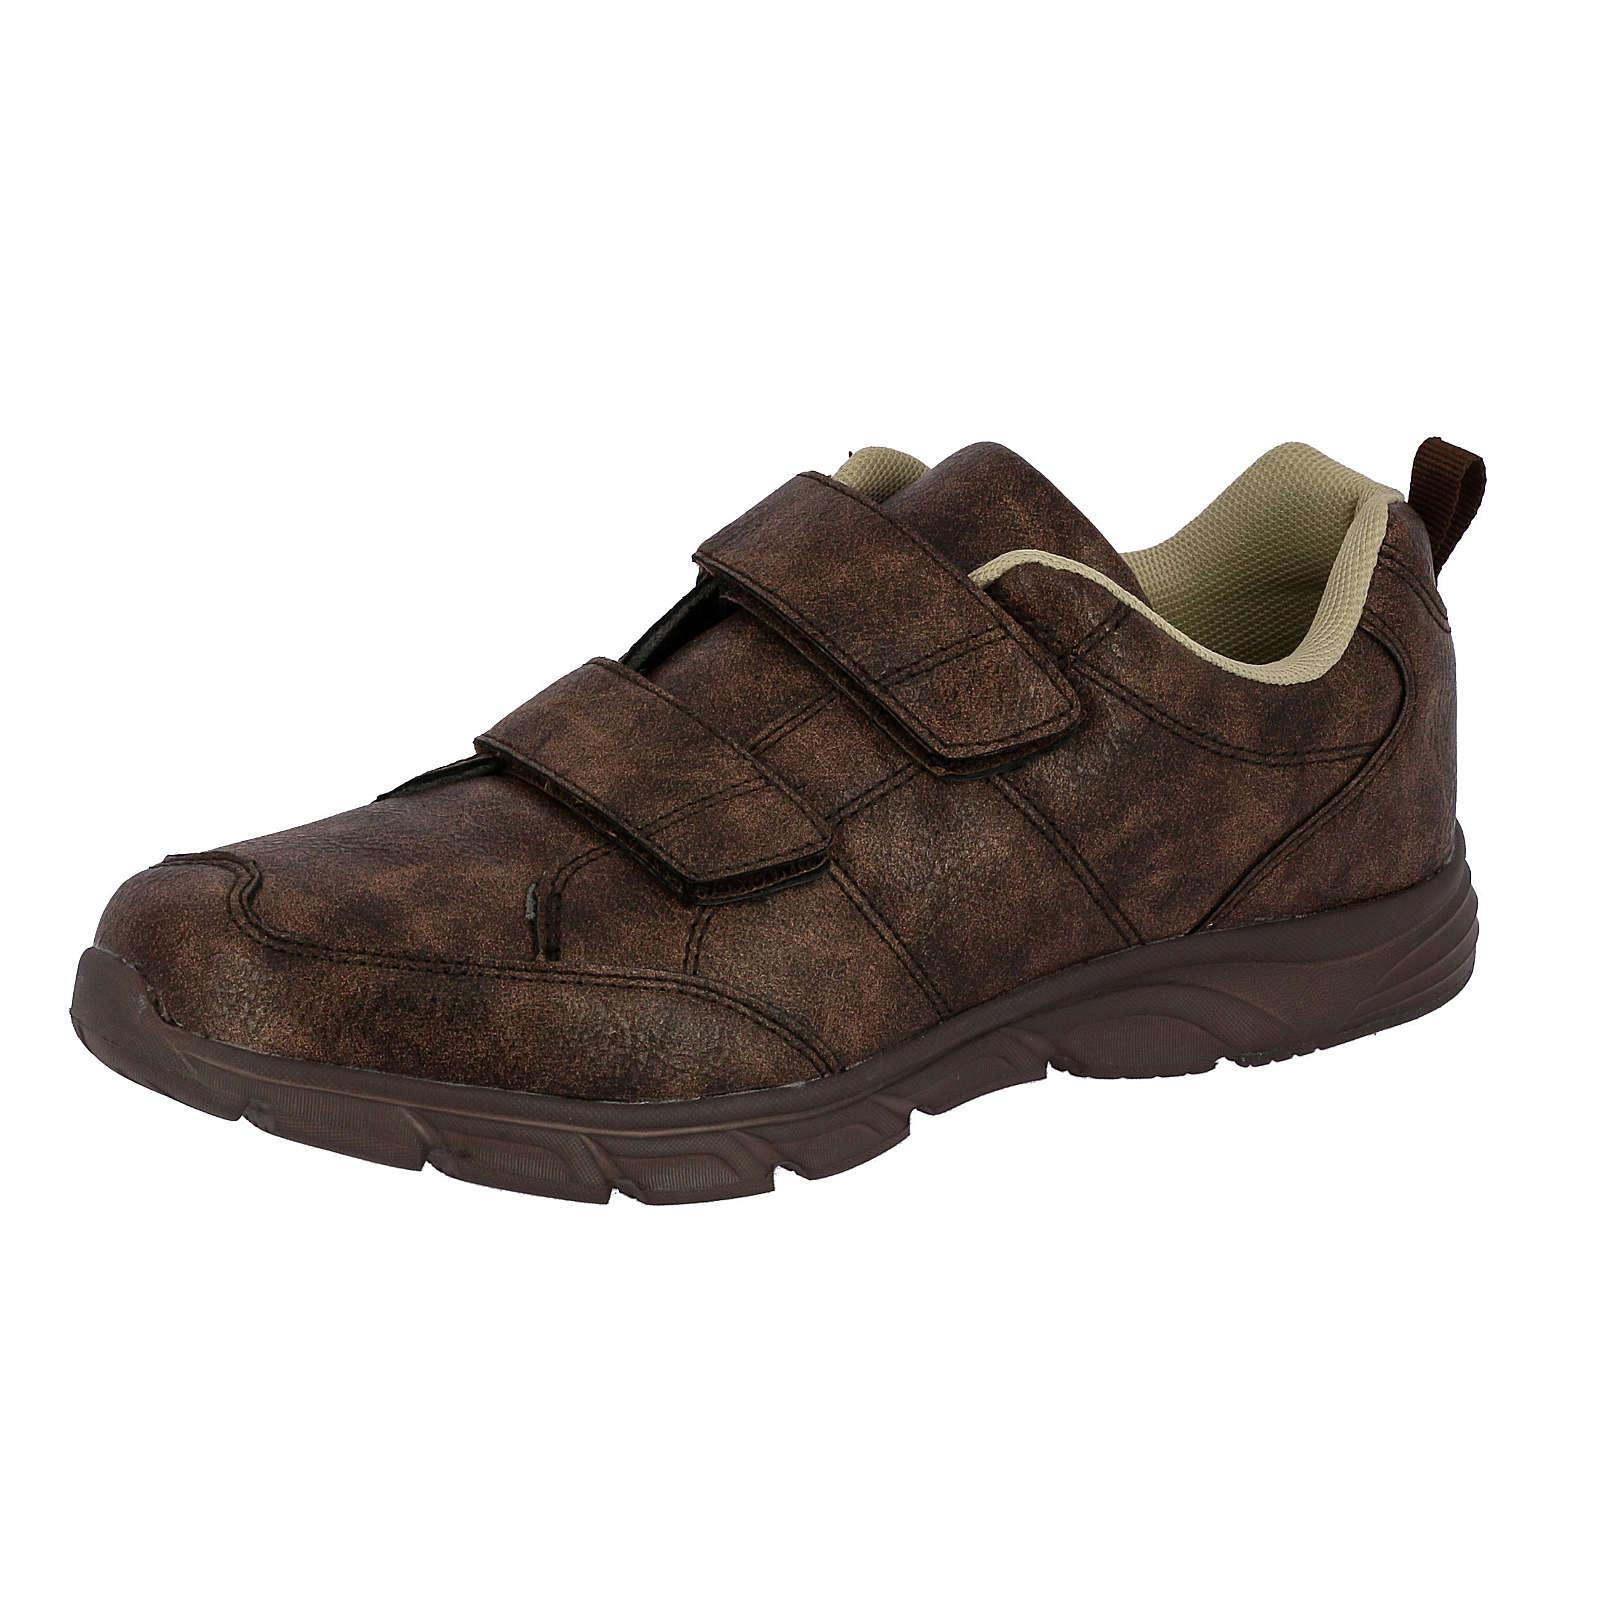 LICO Freizeitschuh Rondo V Sneakers Low braun Herren Gr. 41